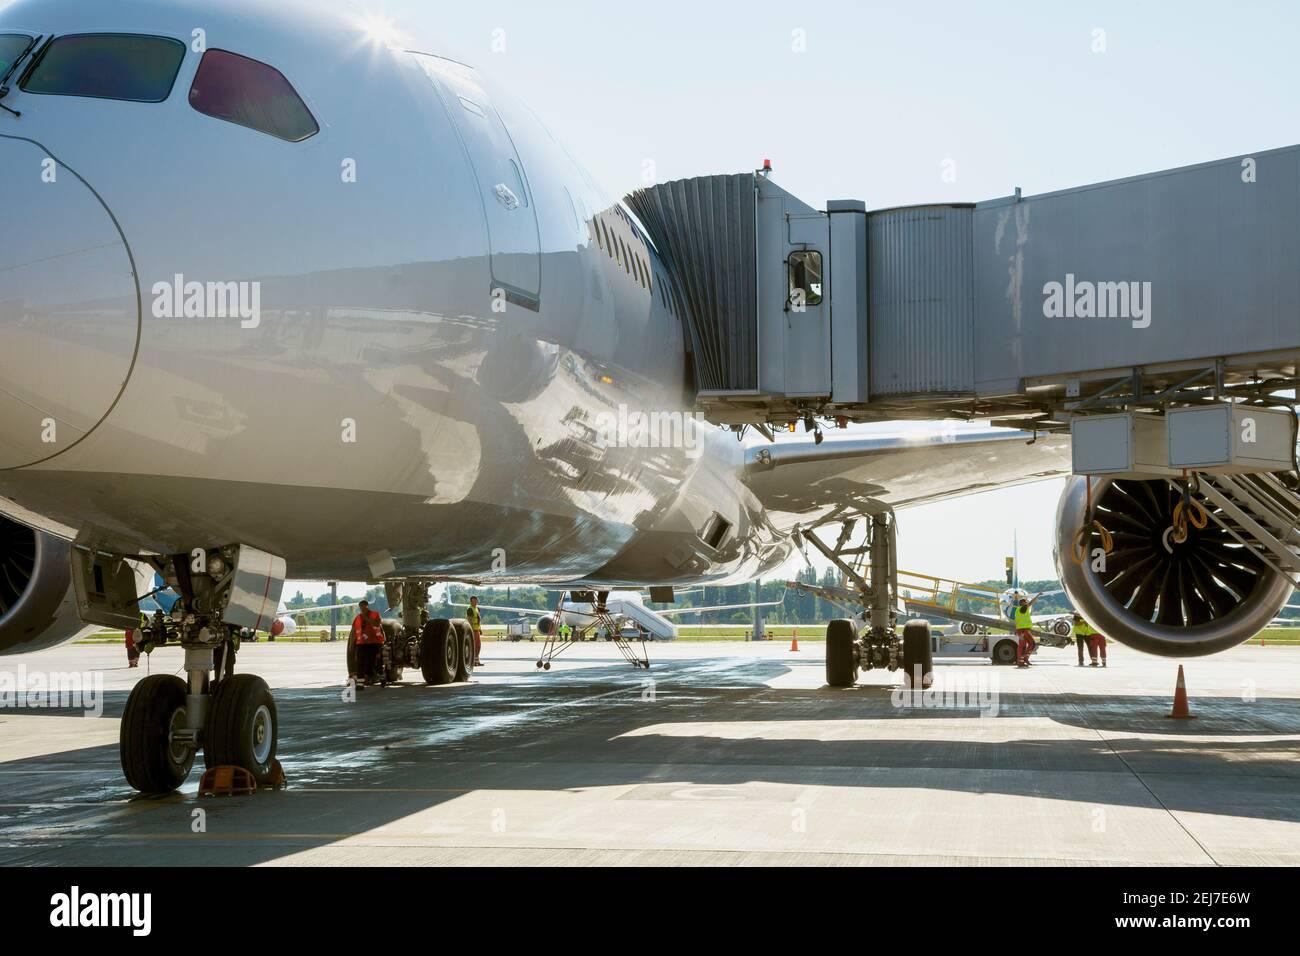 Embarque de pasajeros en el avión a través del puente de embarque. El avión aterriza en el aeropuerto internacional. Cargando equipaje. Avión blanco. Terminal Foto de stock